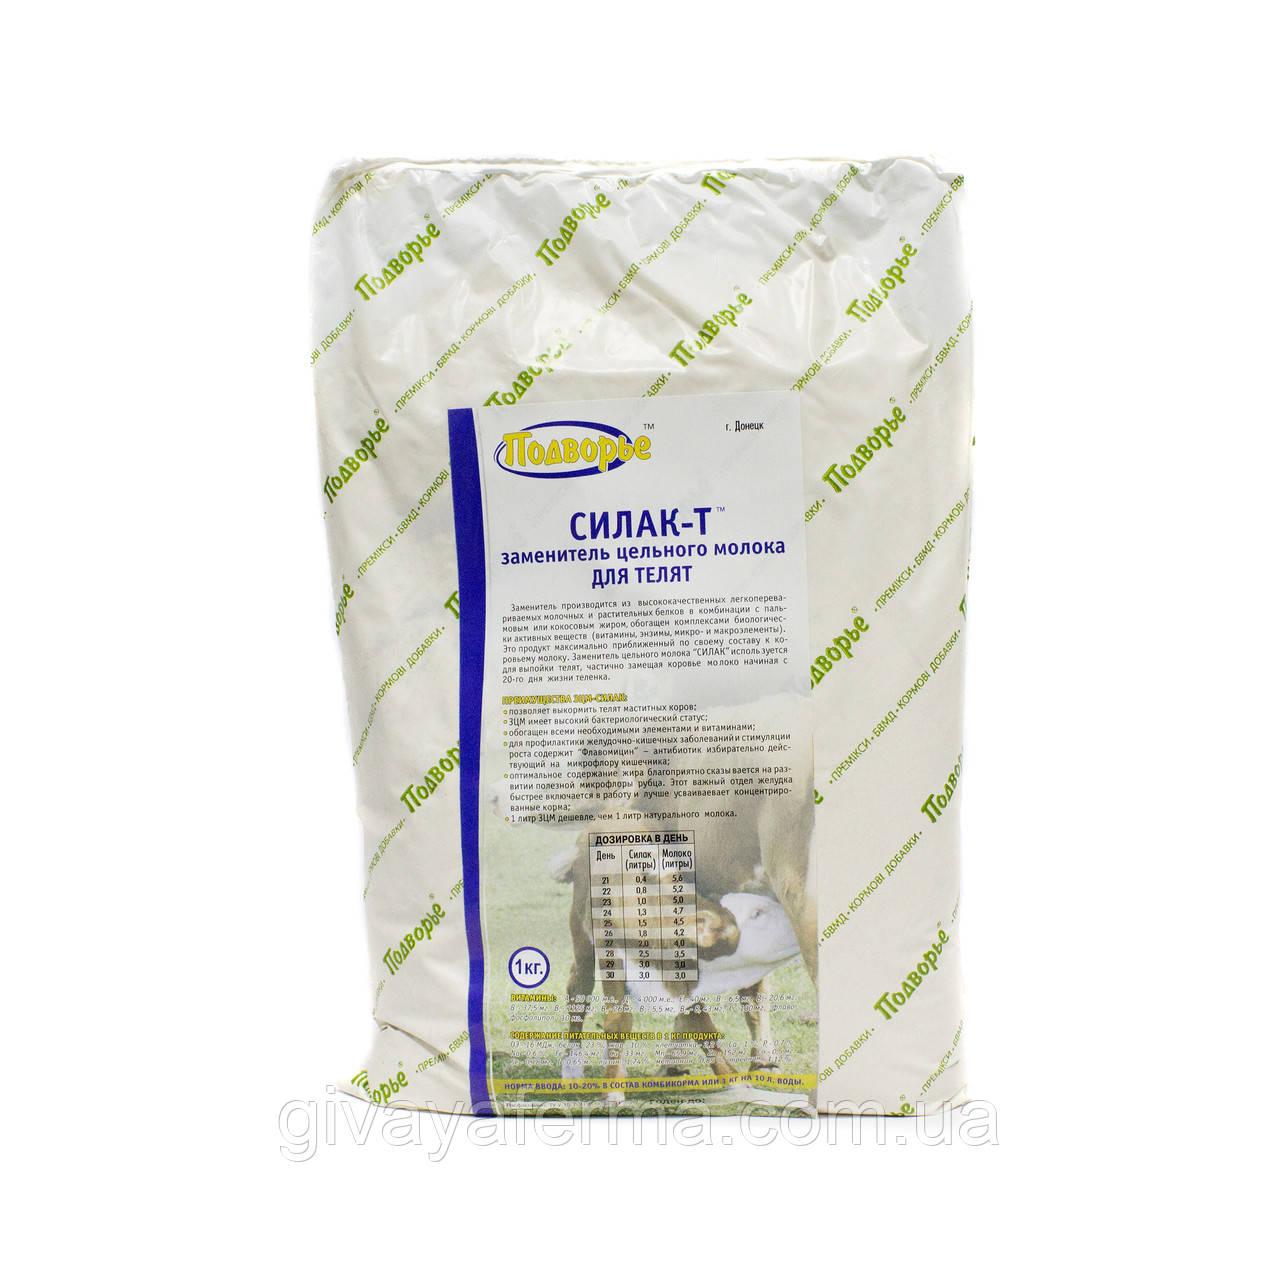 Заменитель цельного молока (СИЛАК Т) 1 кг, для телят-молочников